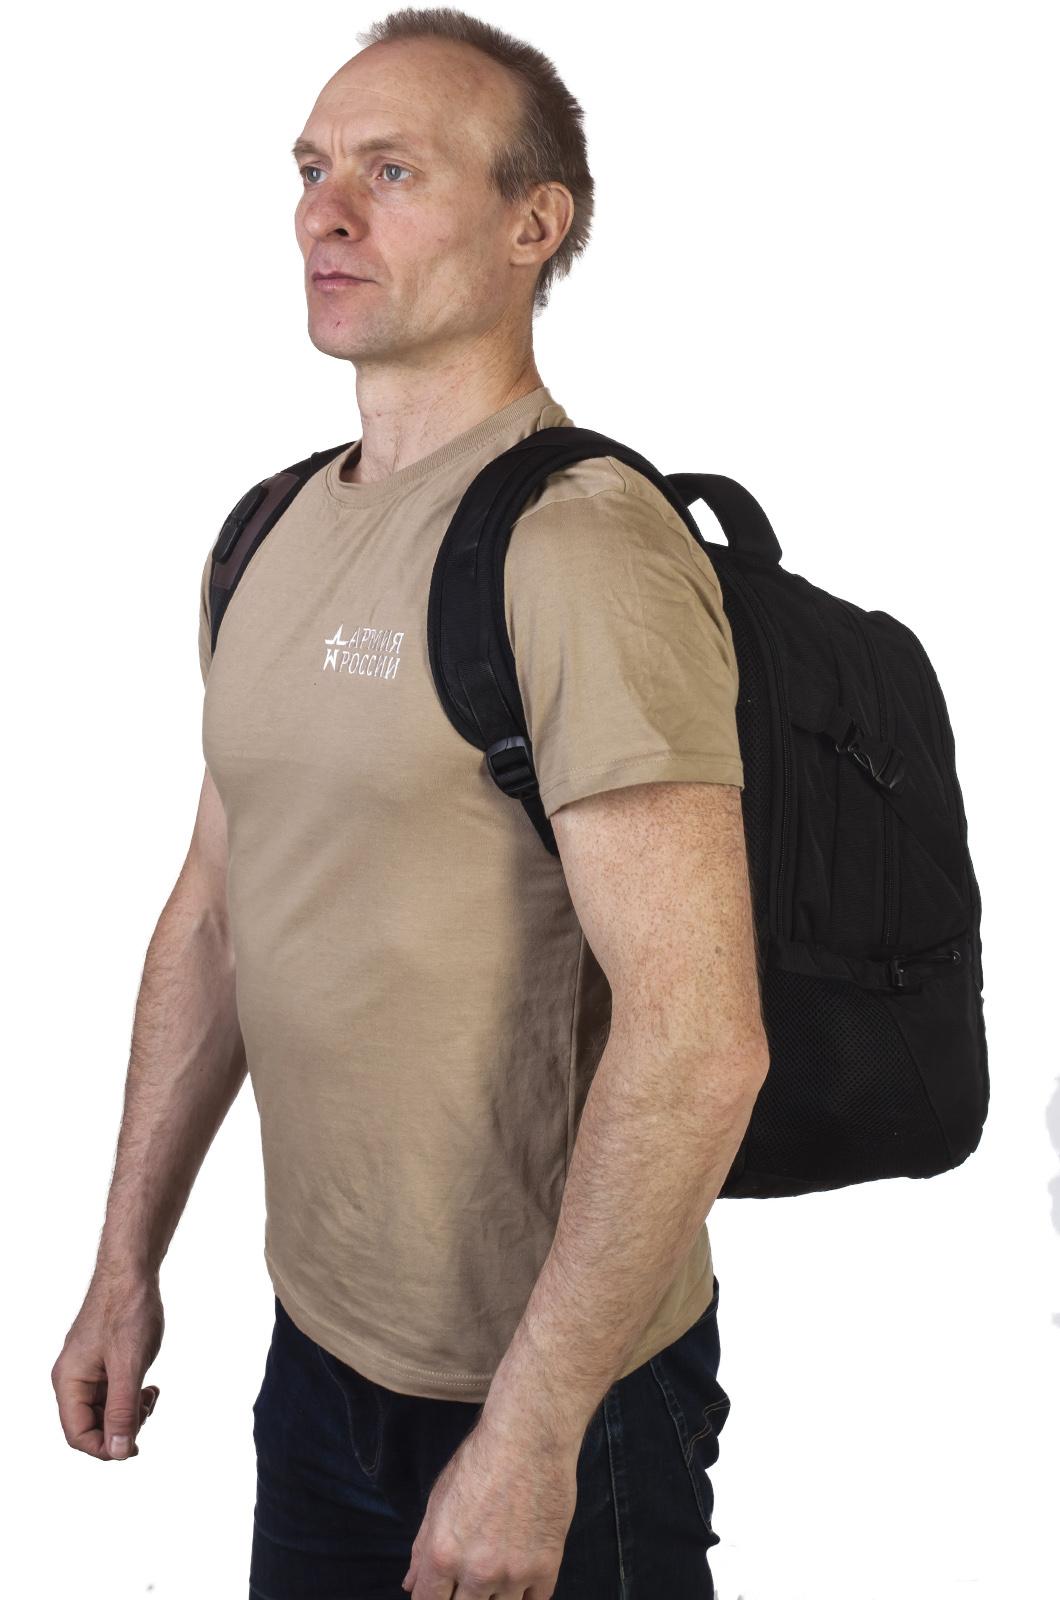 Эргономичный черный рюкзак с нашивкой Штандарт Президента - купить в розницу